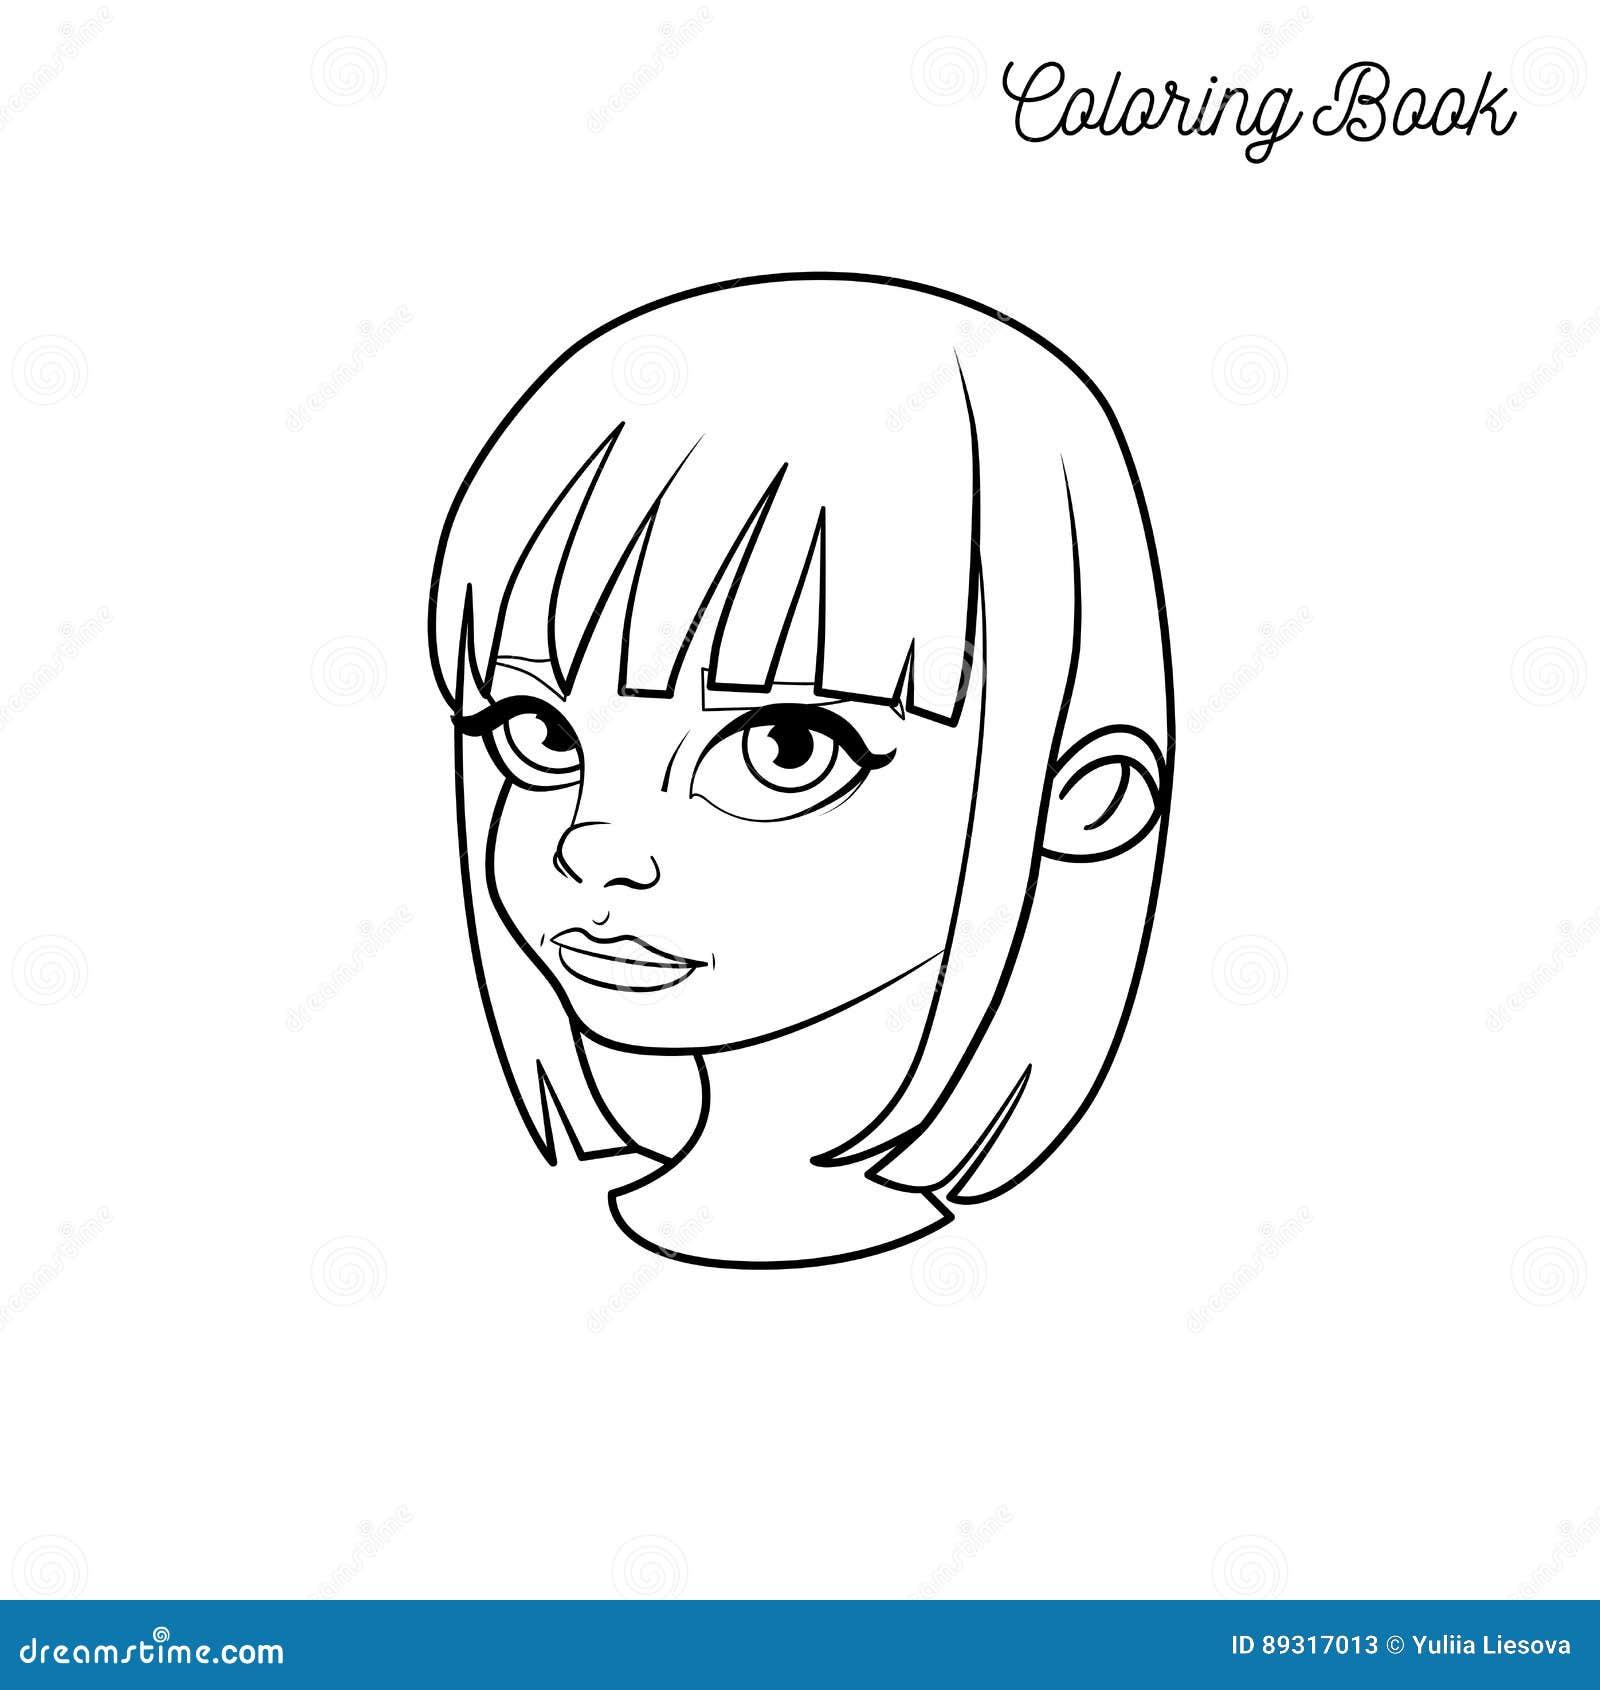 livre de coloriage avec la t u00eate d u0026 39 une fille avec les cheveux courts illustration de vecteur